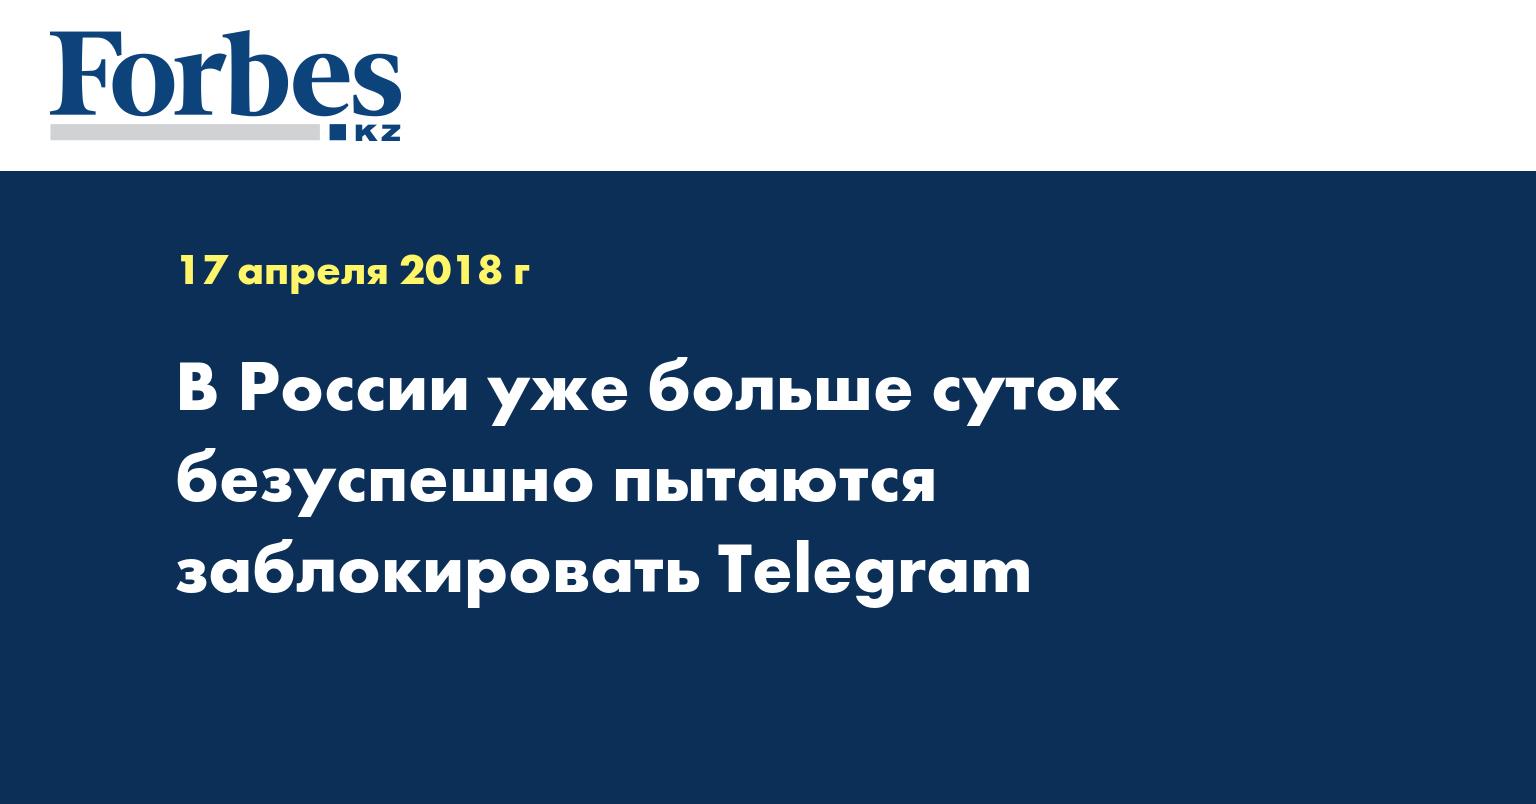 В России уже больше суток безуспешно пытаются заблокировать Telegram